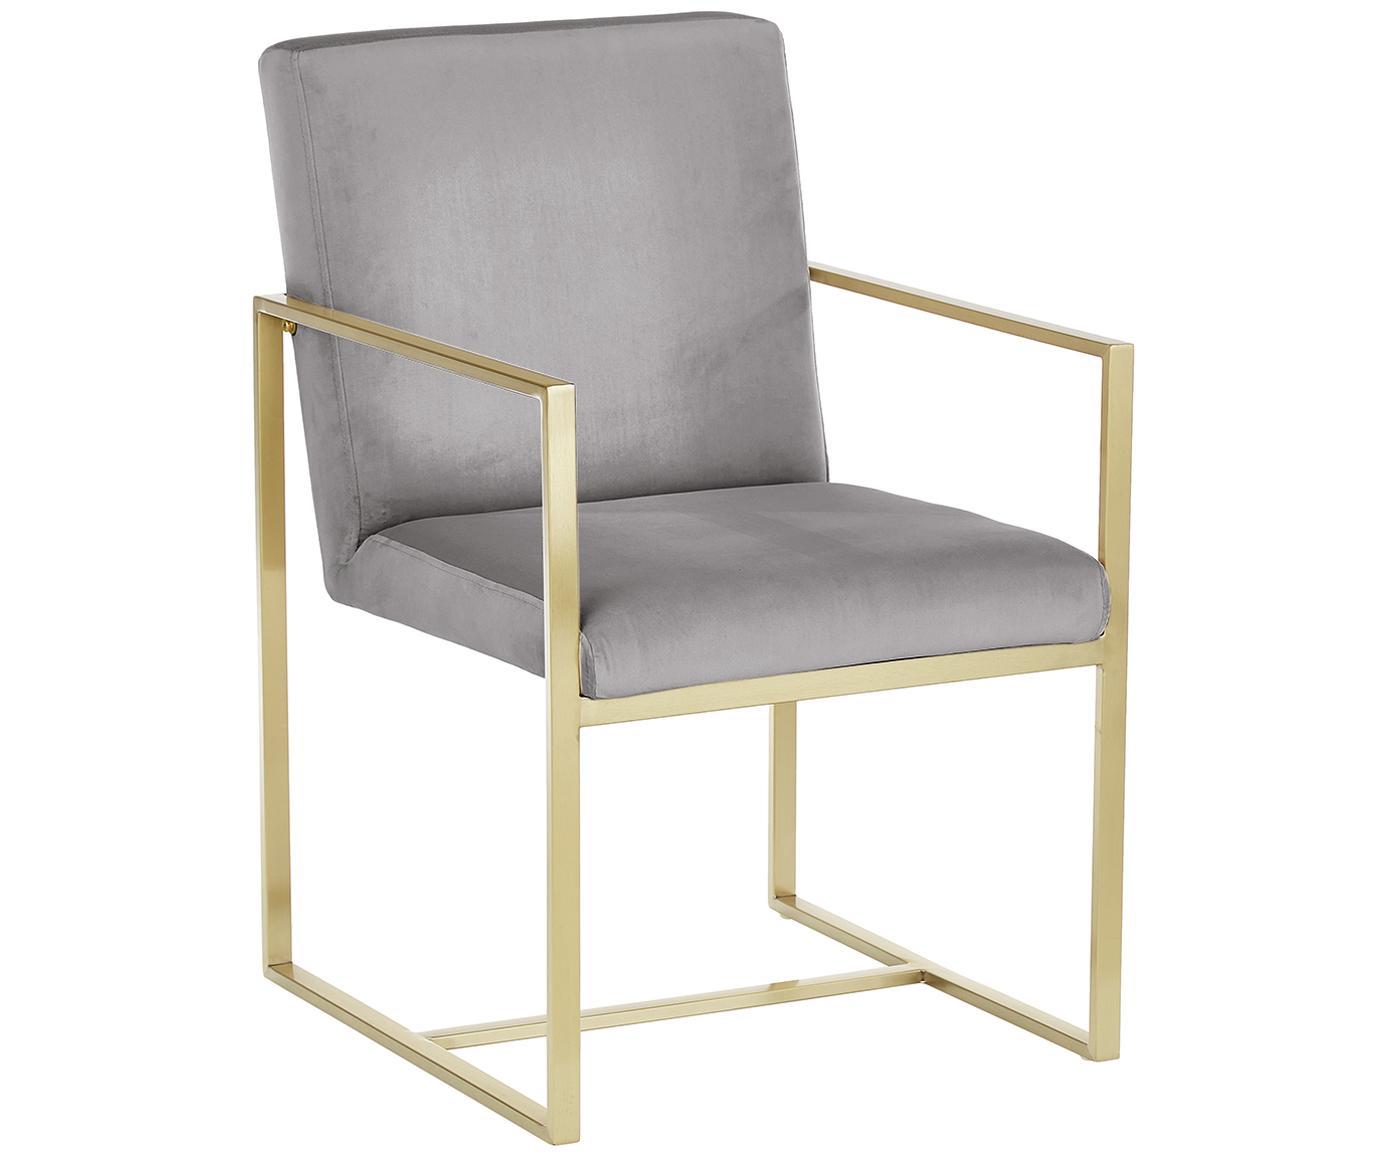 Sedia con braccioli in velluto Manhattan, Rivestimento: velluto (poliestere), Struttura: metallo rivestito, Grigio, Larg. 54 x Prof. 66 cm